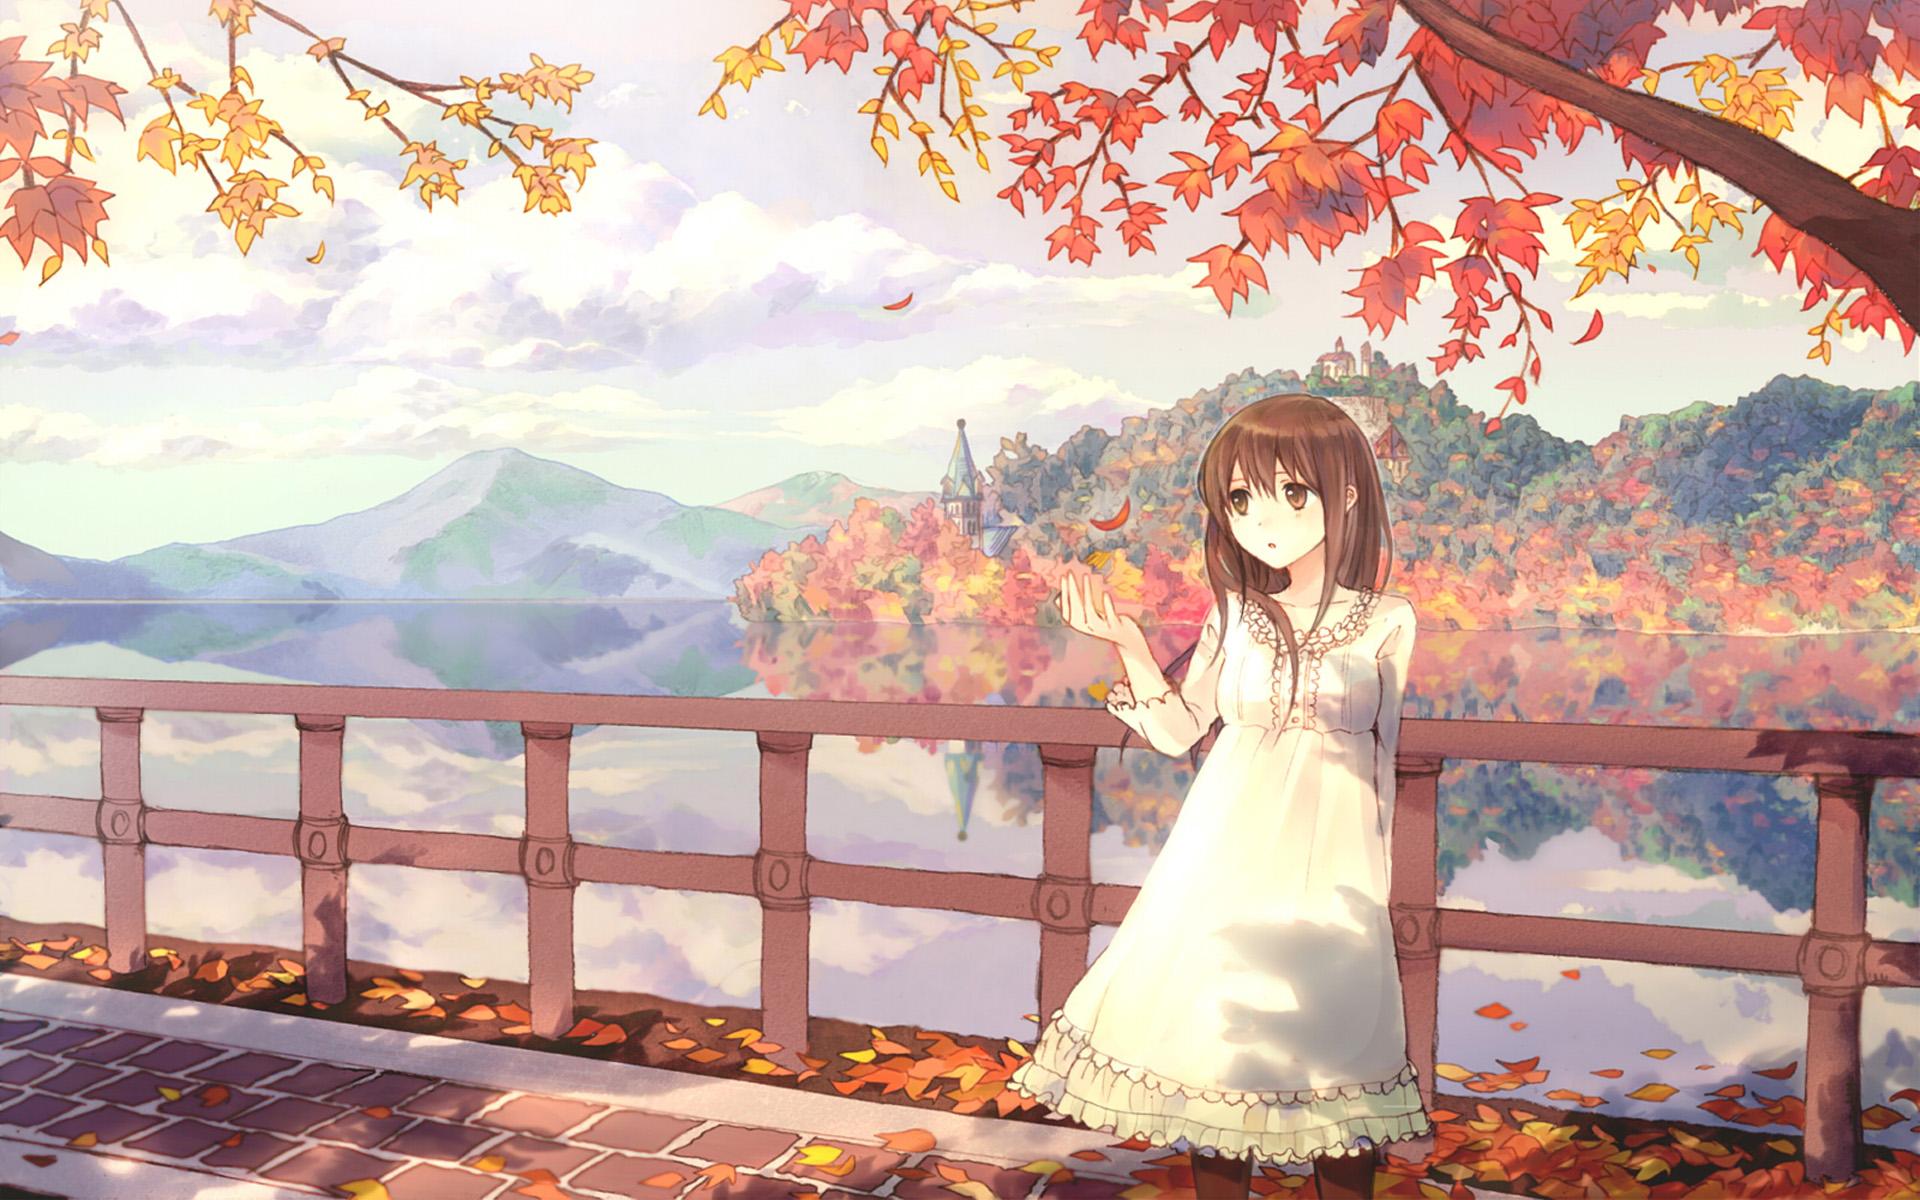 Outono 2019/Animes